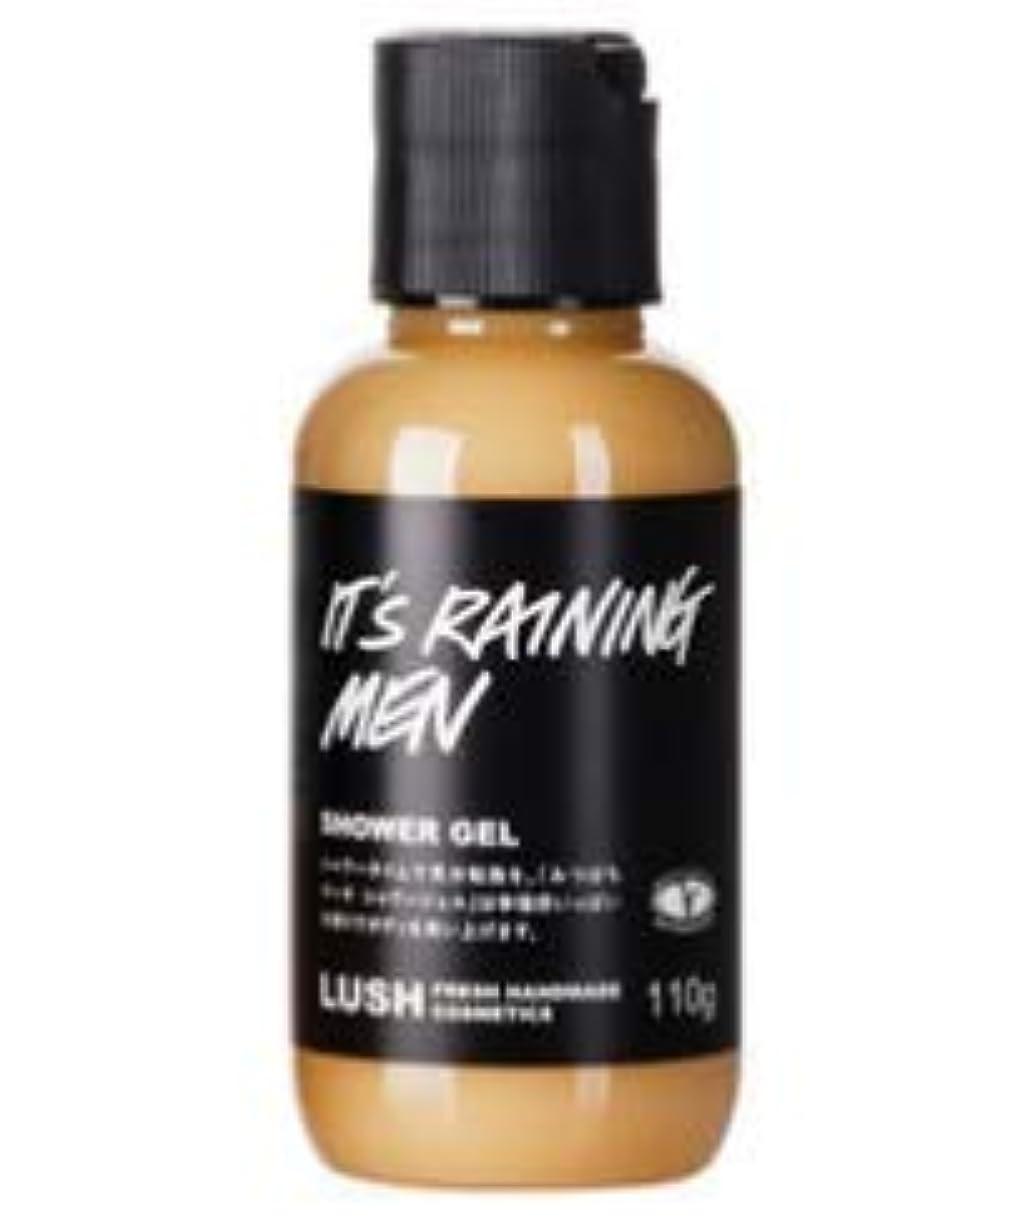 ピアニスト引き出す流産LUSH ラッシュ みつばちマーチ シャワージェル It's Raining Men 甘い香り 浴用化粧品 ボディソープ 自然派化粧品 天然成分 ベルガモット ハチミツ (110g)